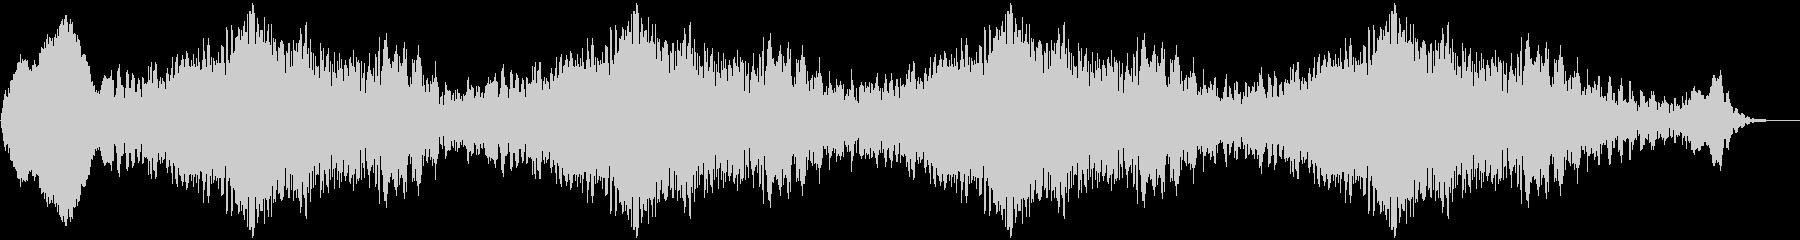 ホラー06の未再生の波形